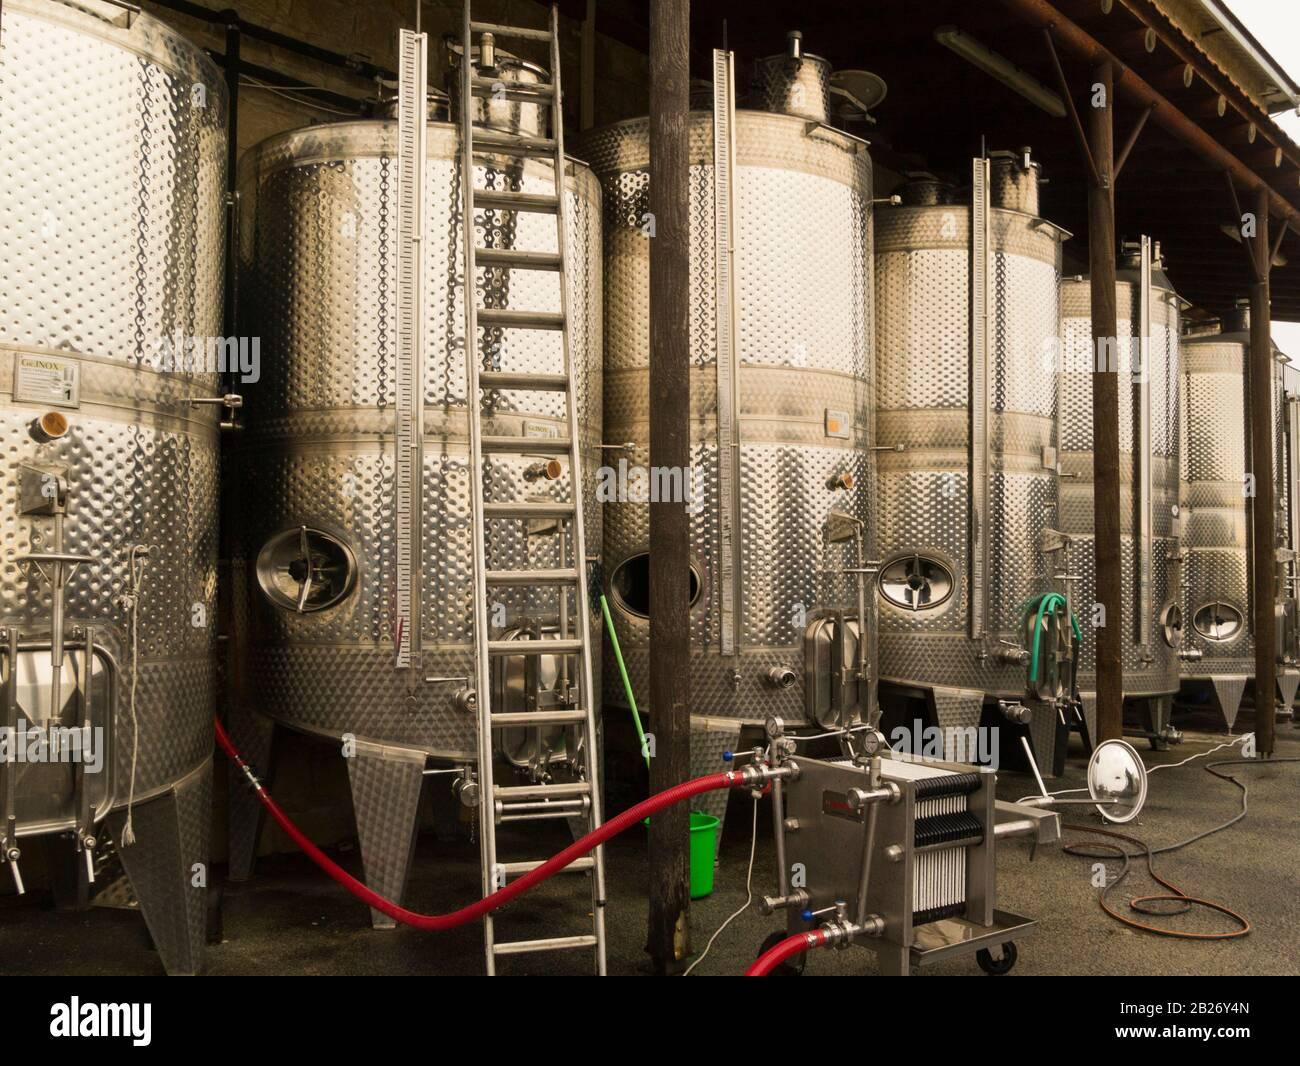 Vasche d'acciaio inox contenenti vino in fermentazione nella cantina Ktima Gerolemo Omodos Cyprus produttore di premiata rosa bianca rossa e dolce bianco e re Foto Stock